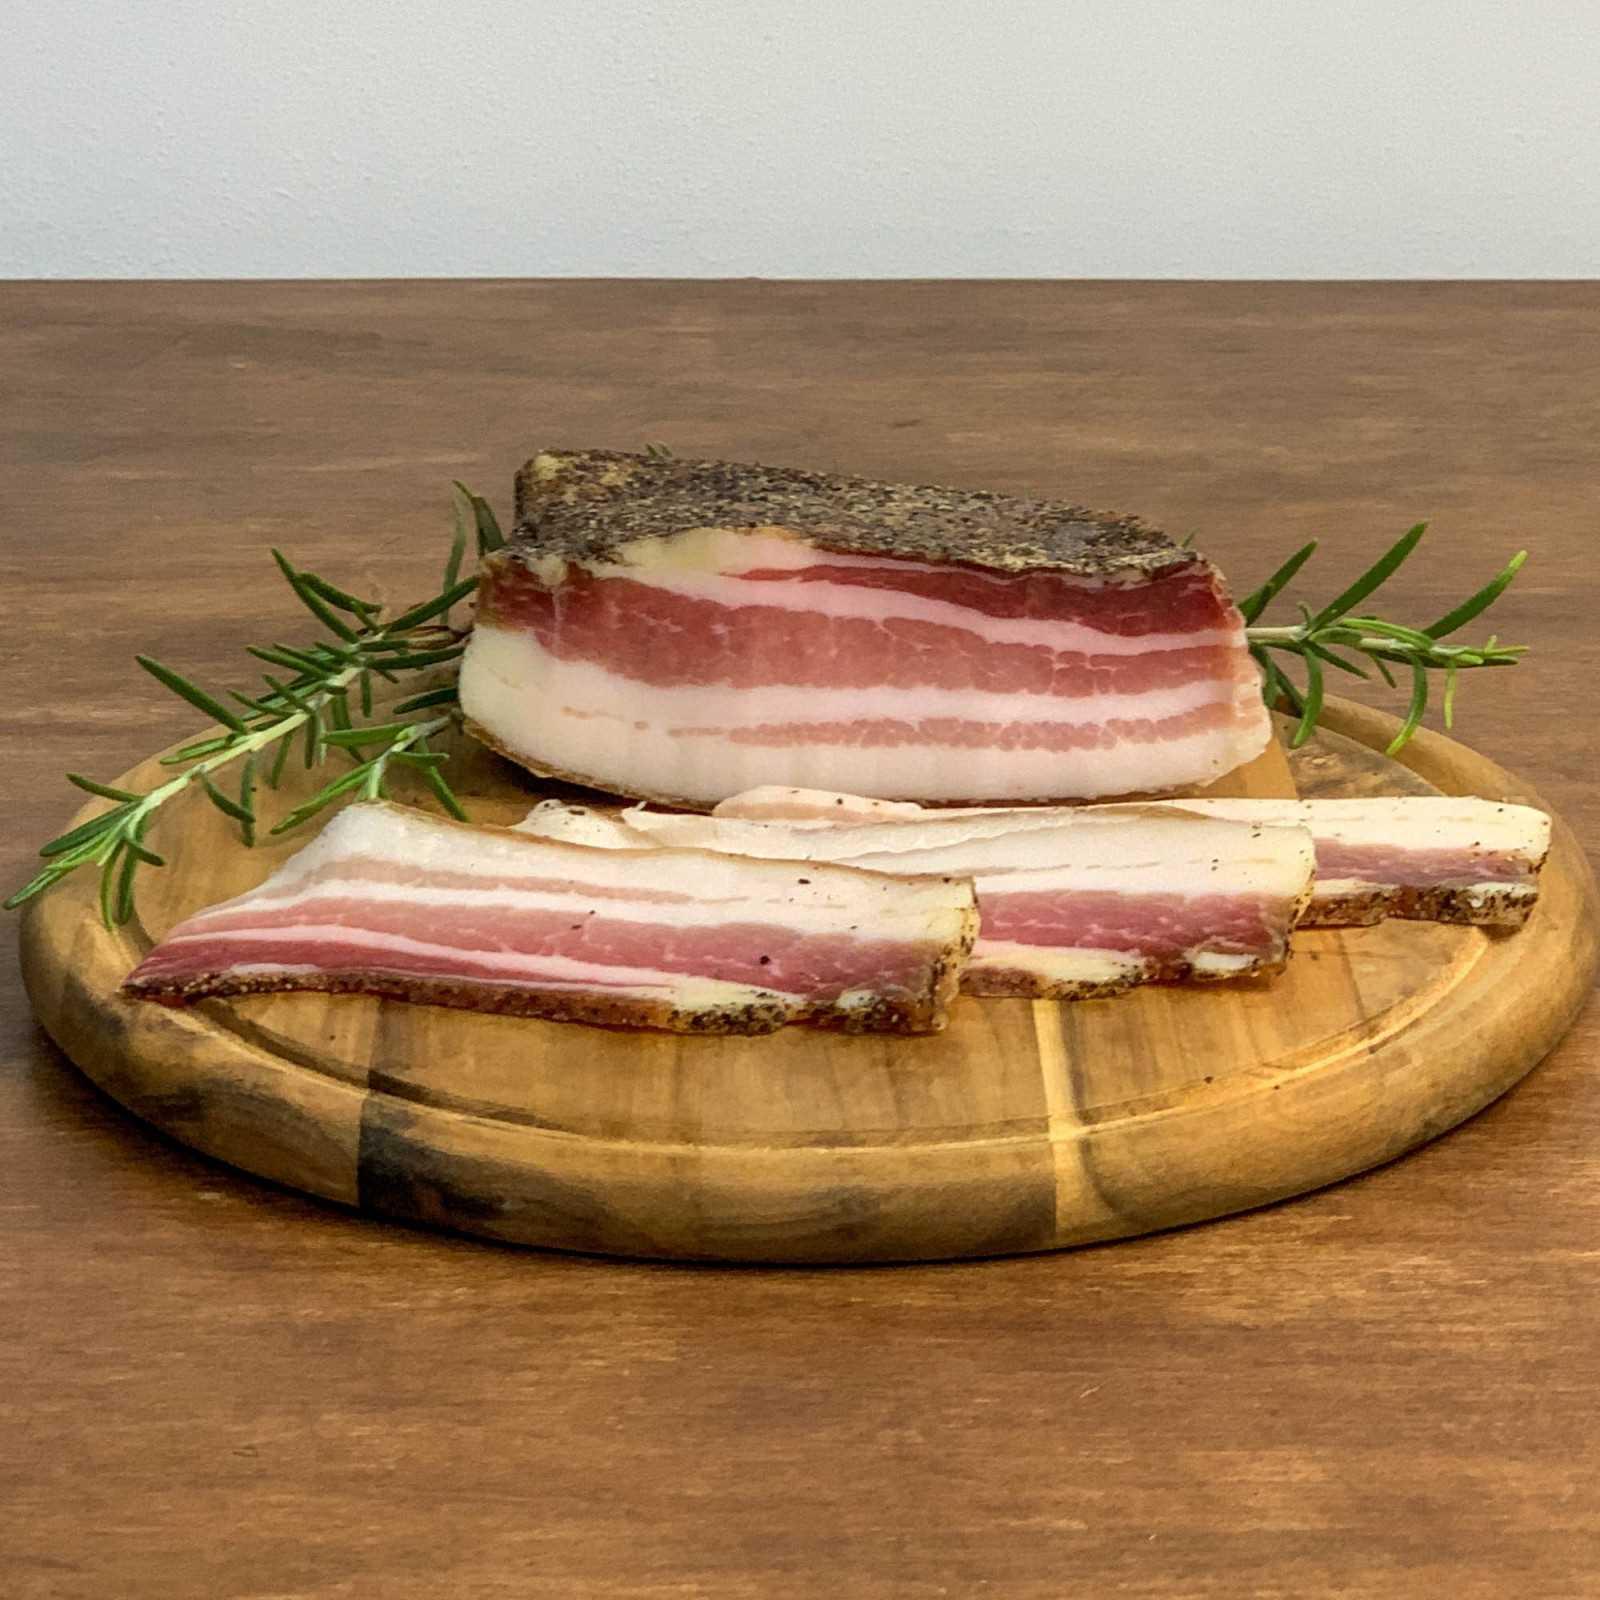 Gereifter Rigatino (toskanischer Speck) aus toskanischem wilden Schwein - Filiera Valdichiana.